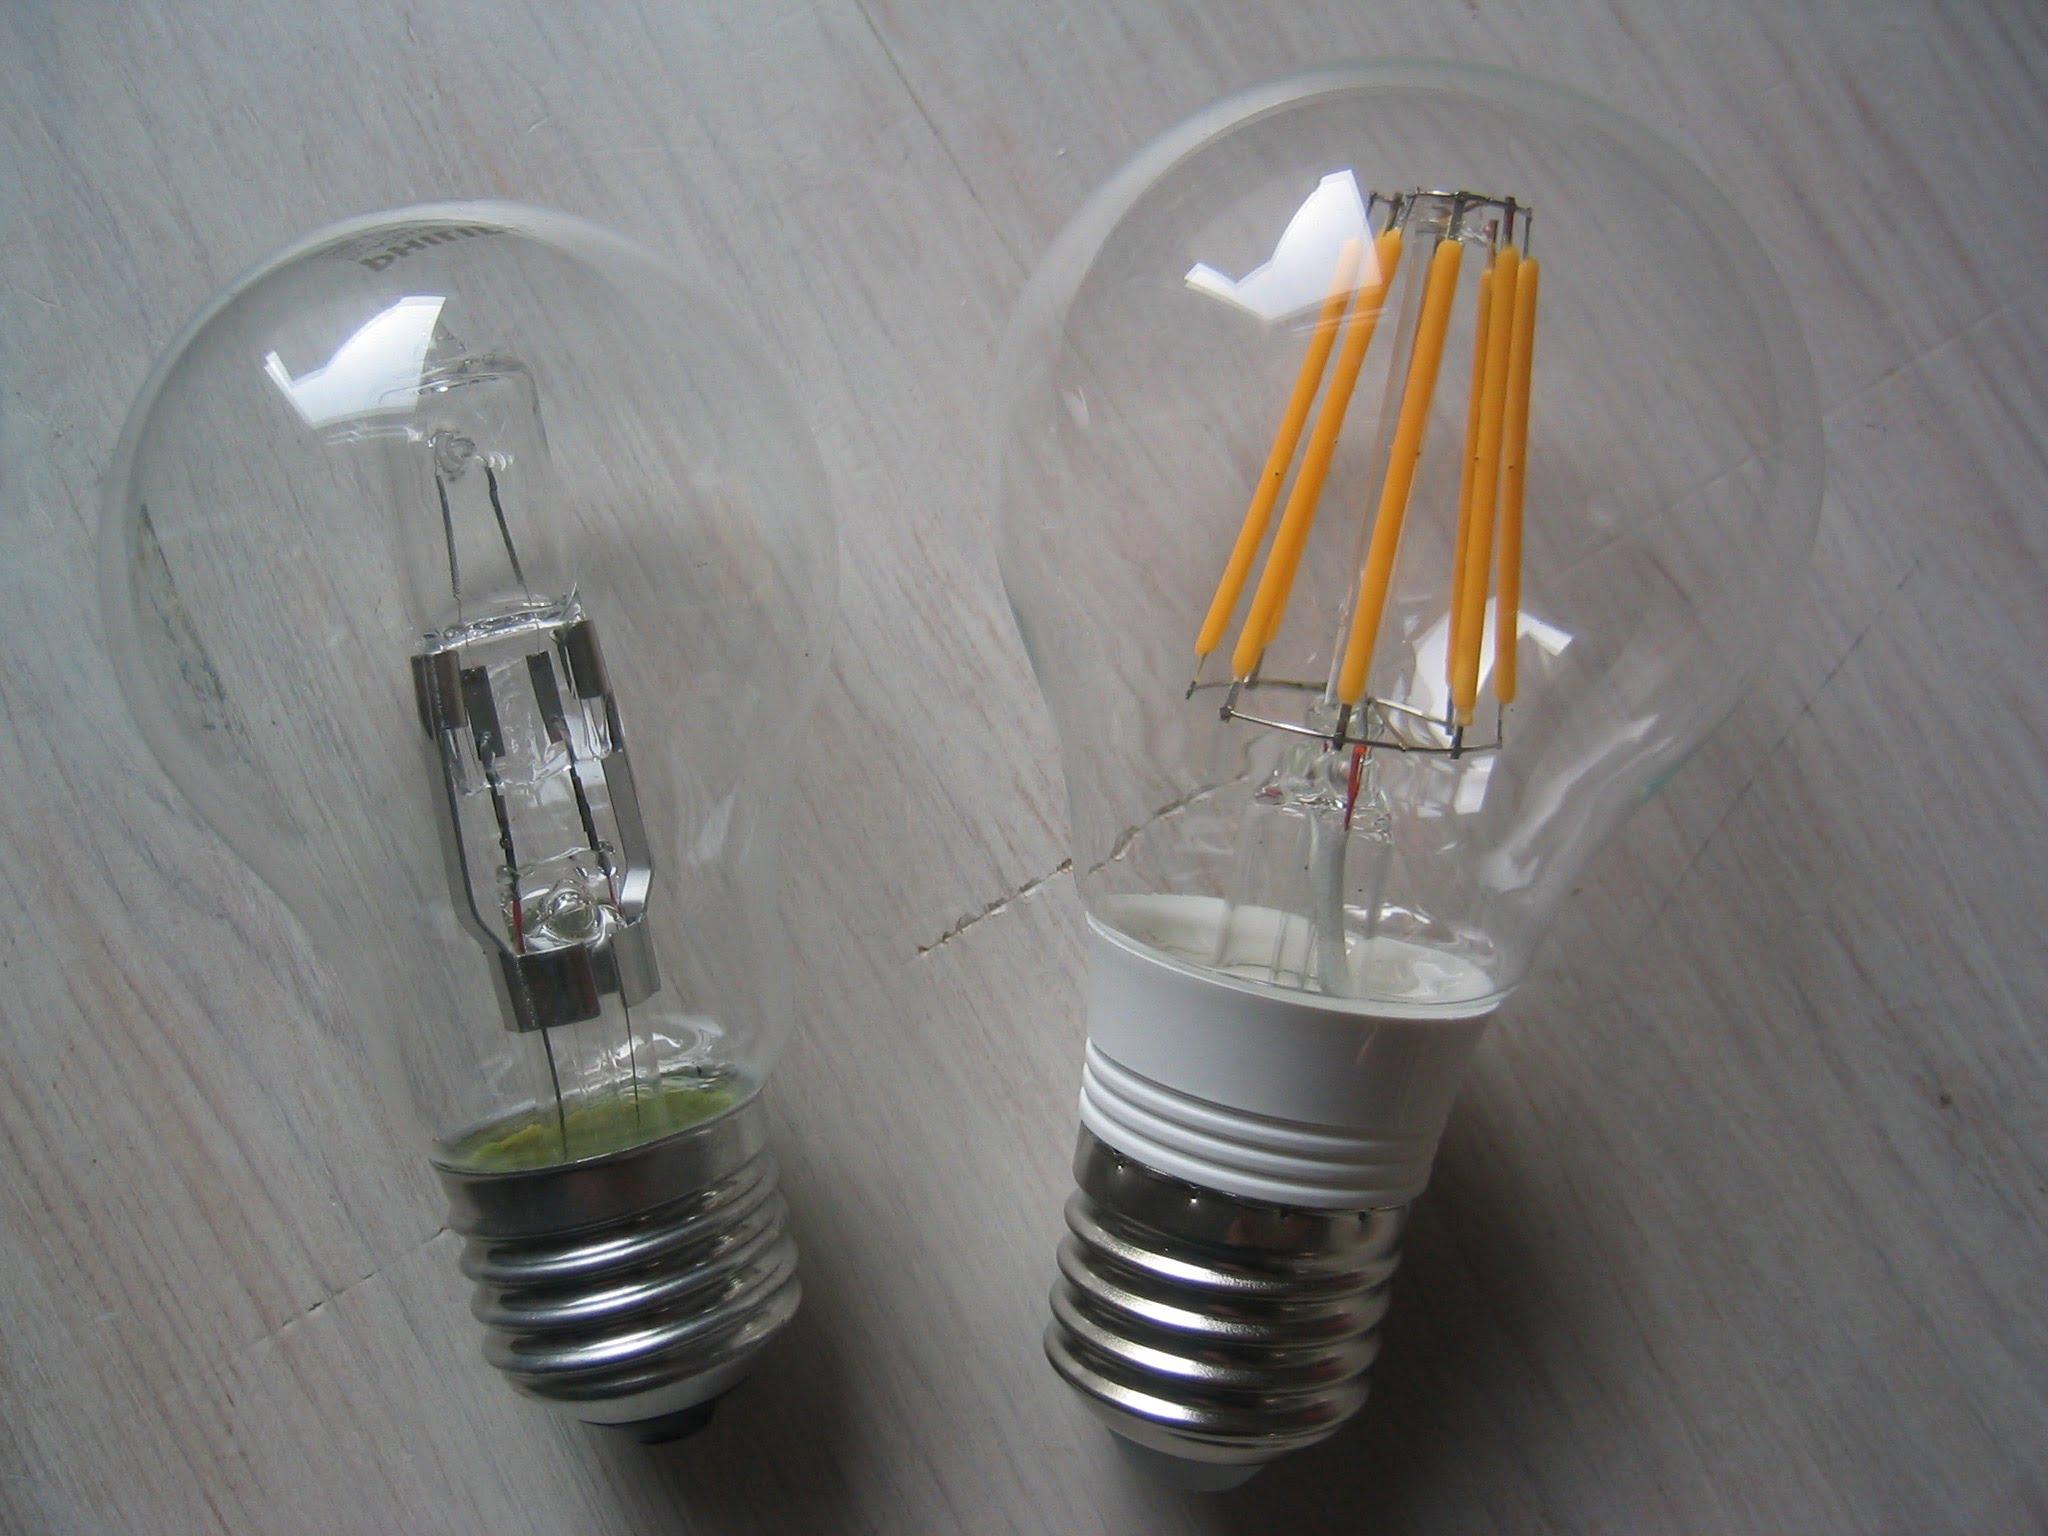 LED-Filament Glühlampen: Sparsame Glühbirnen mit schönem Licht ...